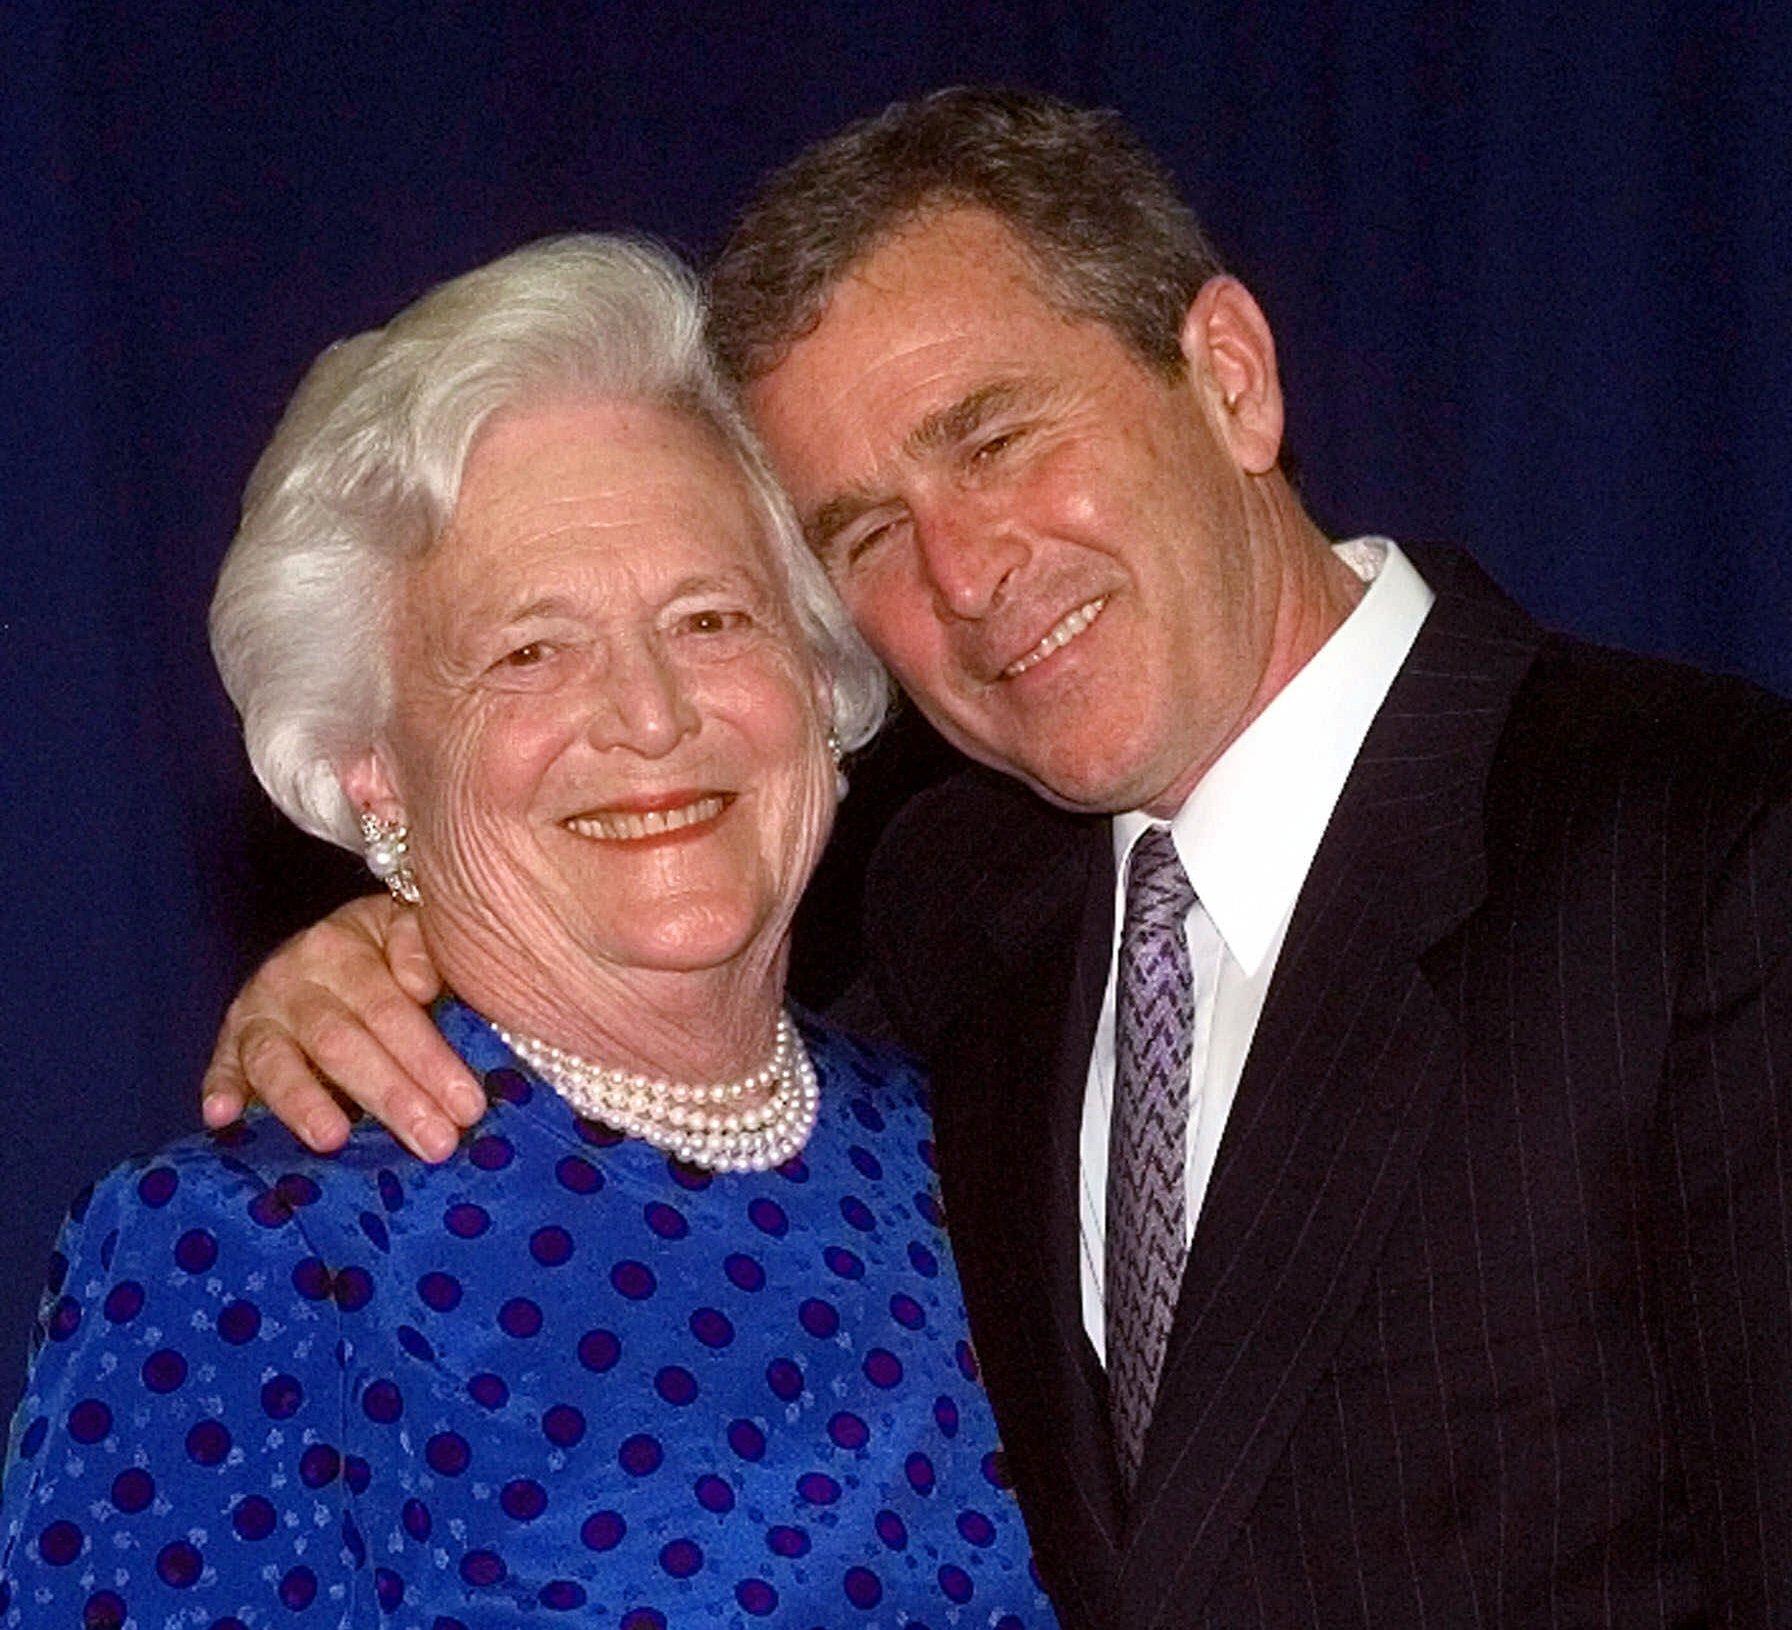 布什于1999年6月